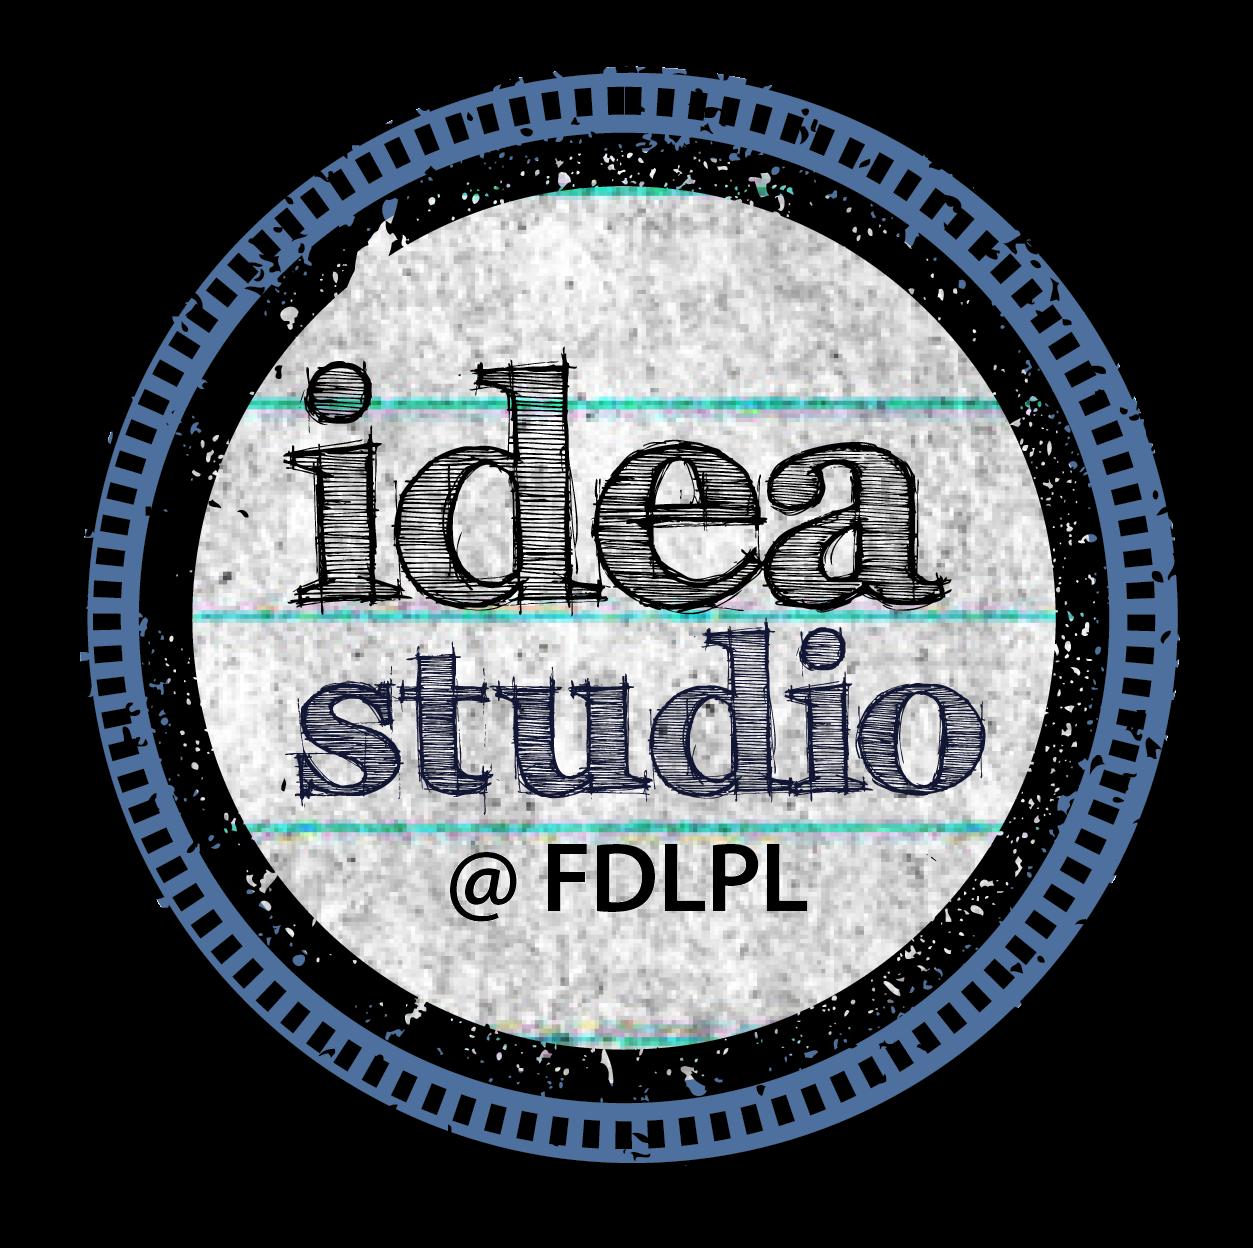 Idea Studio Apr 2019 programs